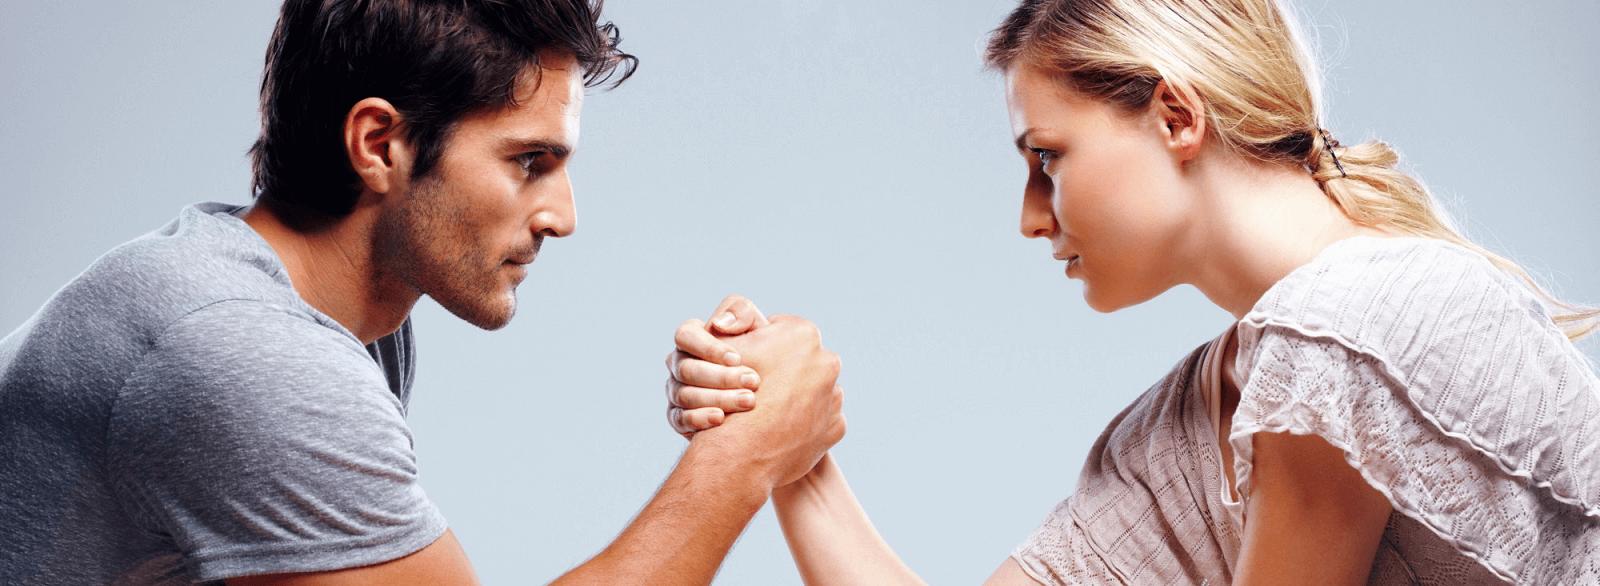 Жертва — тиран, как программа взаимоотношений